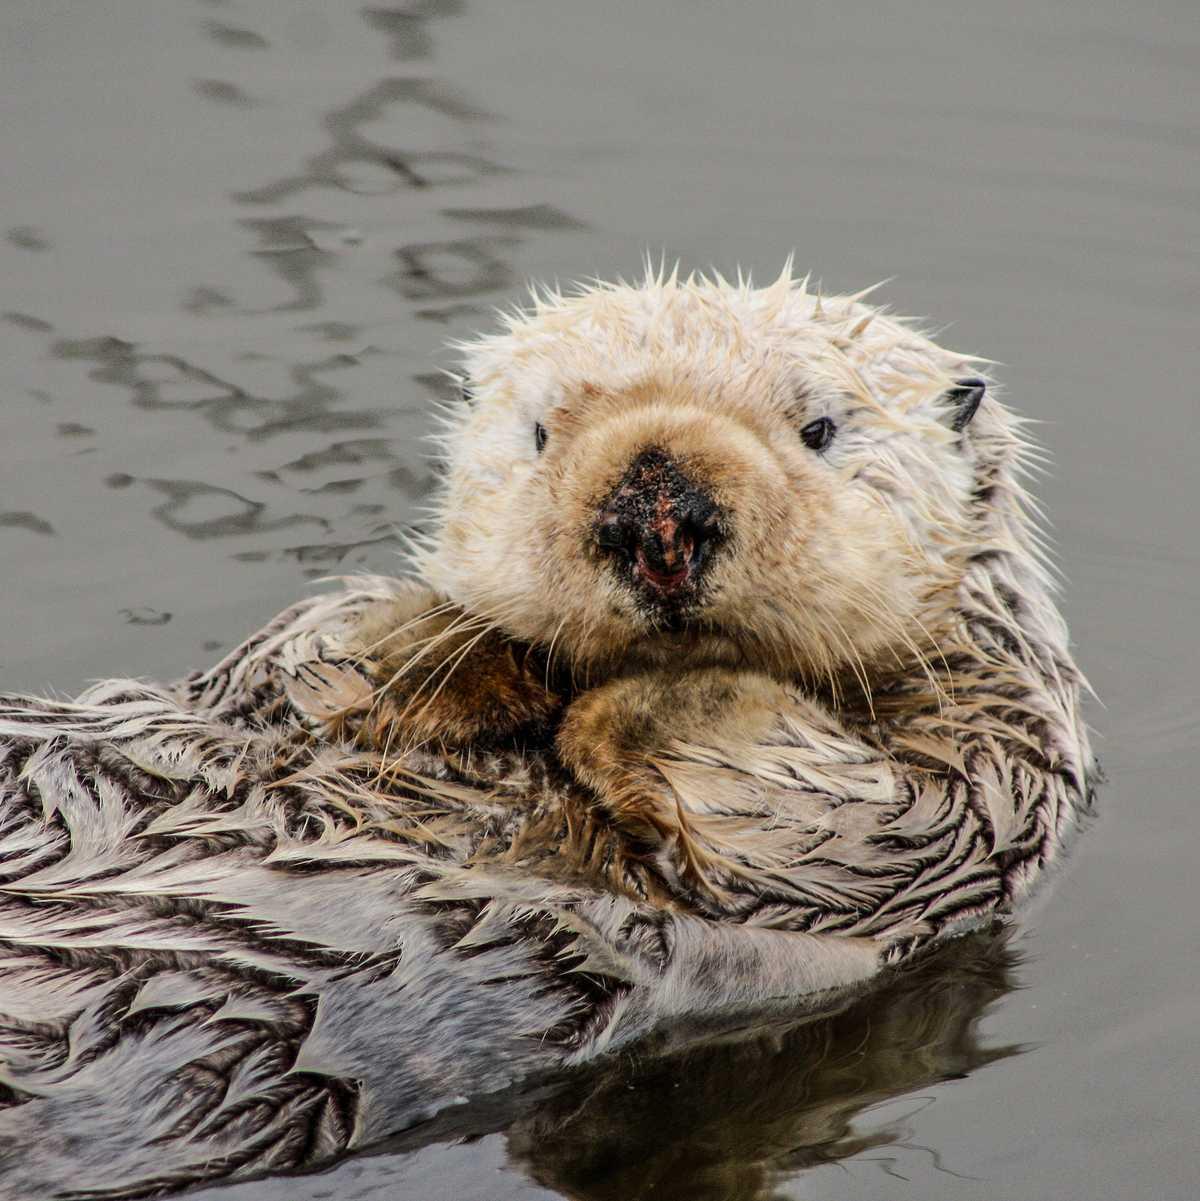 Die Santa Cruz Wharf ist der perfekte Ort um Seeotter in ihrem natürlichen Lebensraum zu beobachten